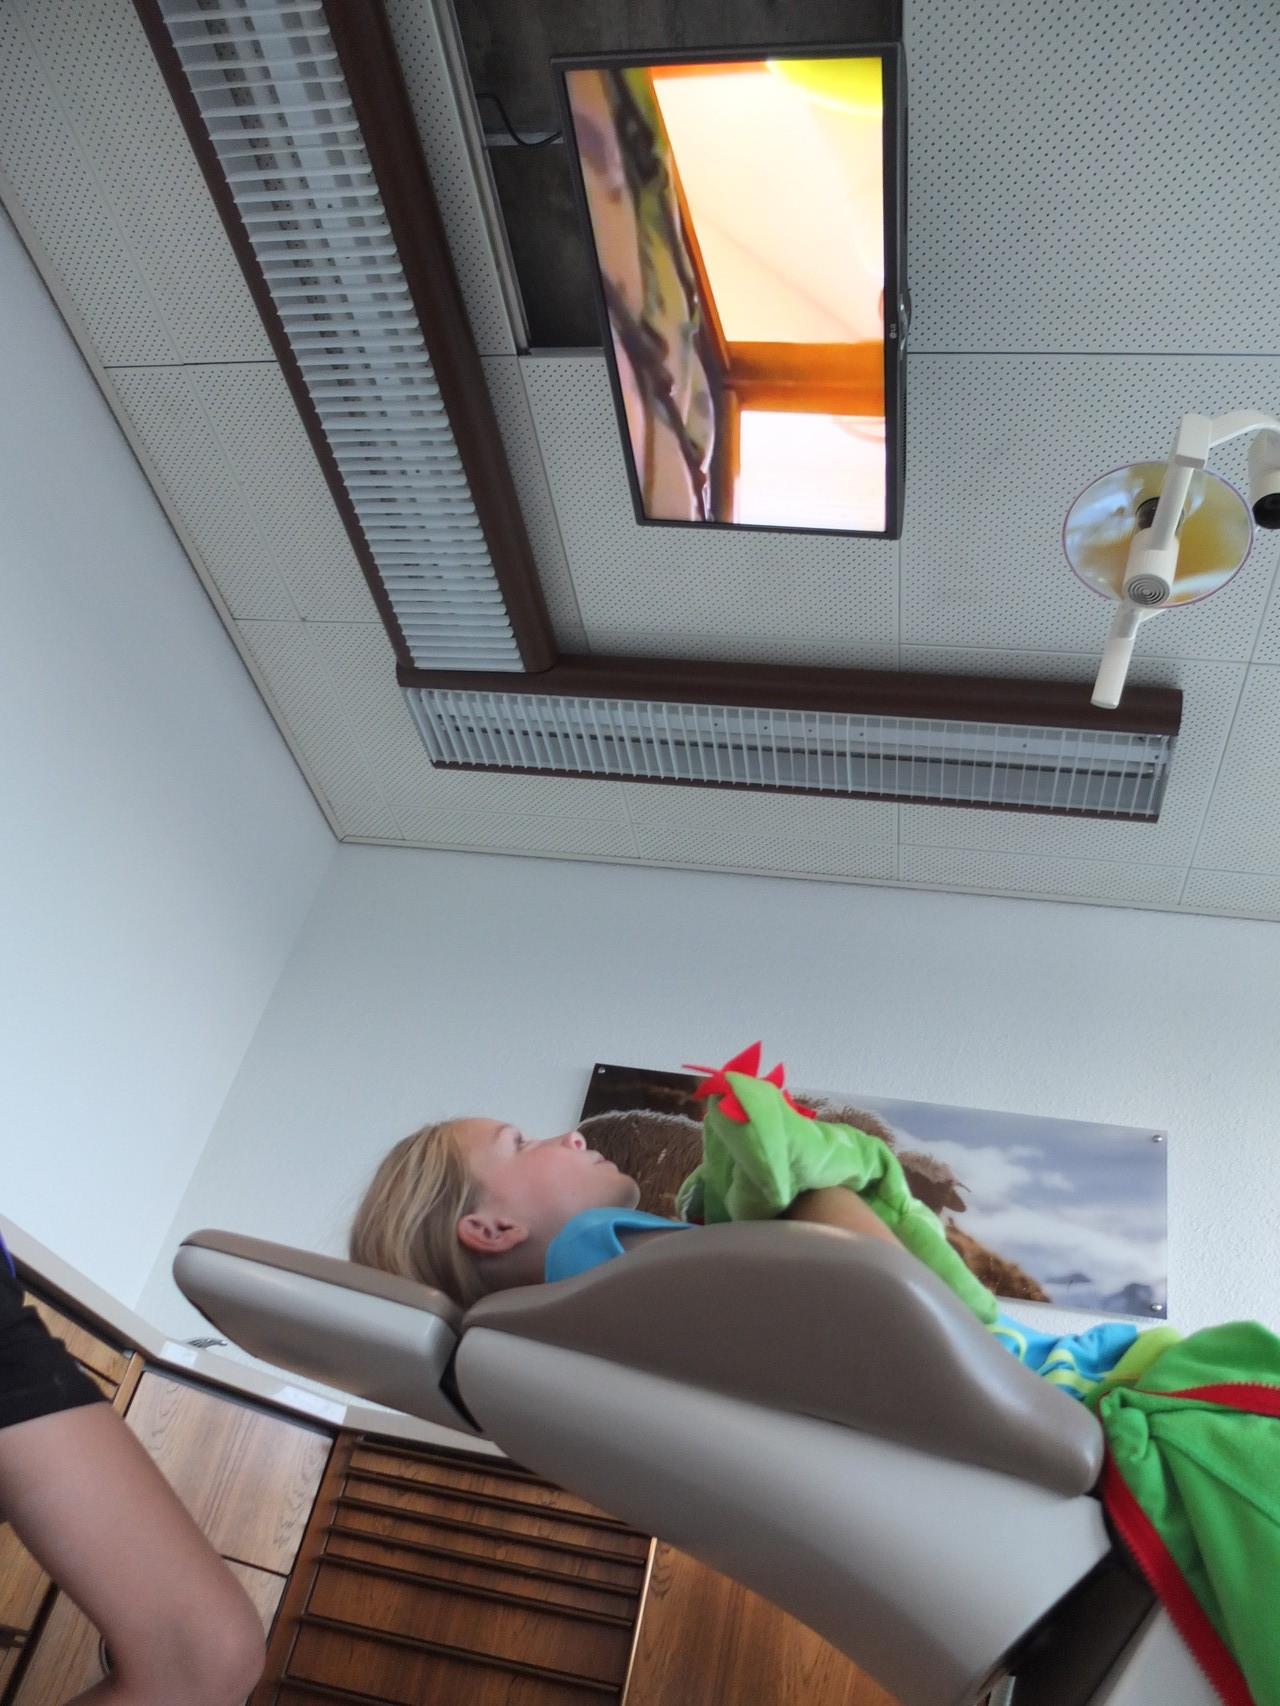 Fernsehen im Behandlungszimmer